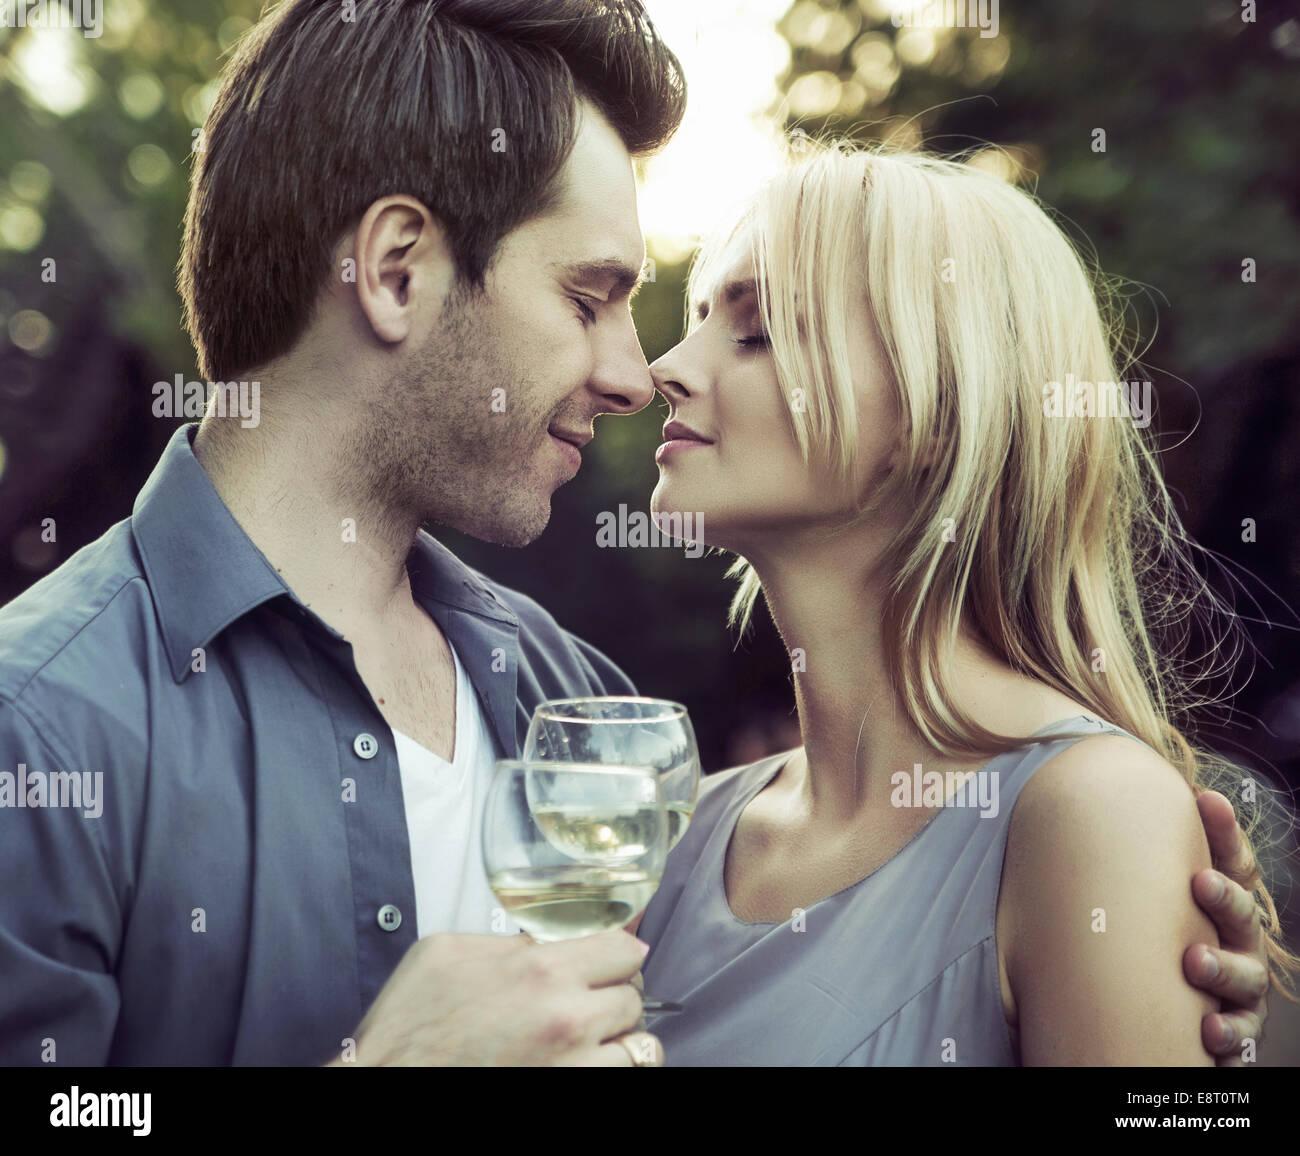 Vor dem romantischen Kuss auf das Datum Stockbild